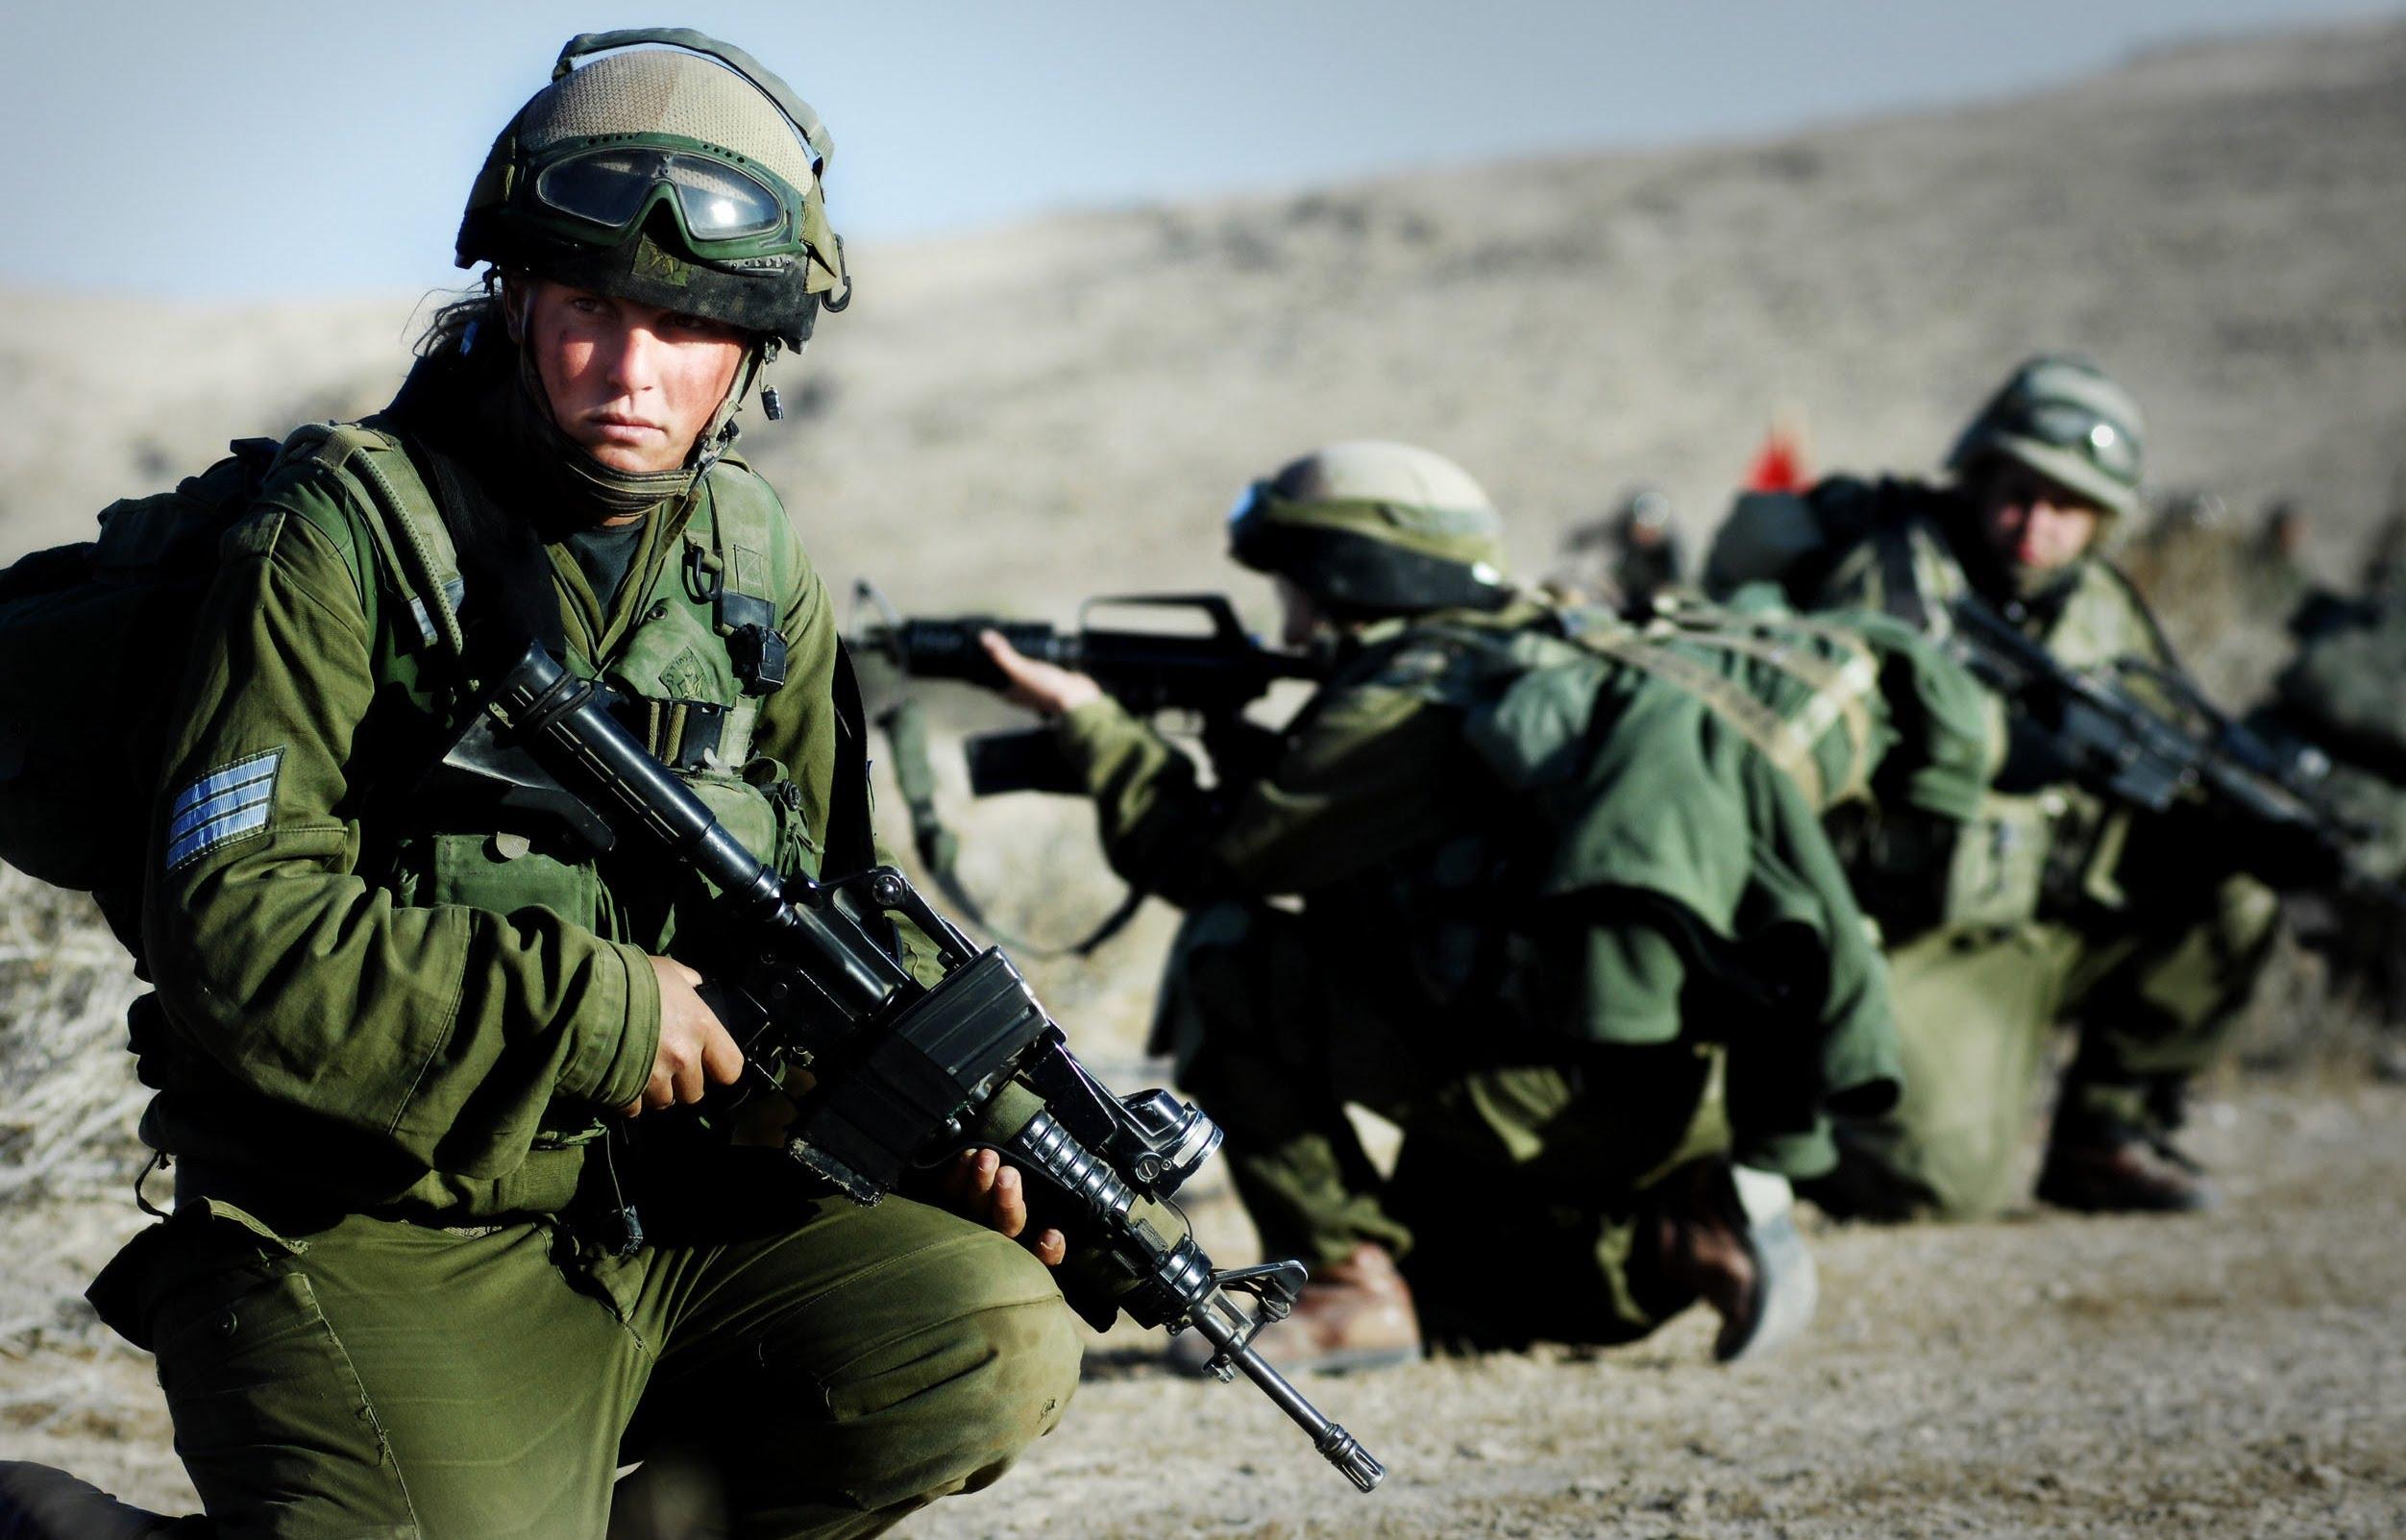 Конгресс США одобрил выделение Израилю на оборону $38 млрд в течение 10 лет, США, инвестиции, Израиль, Оборона